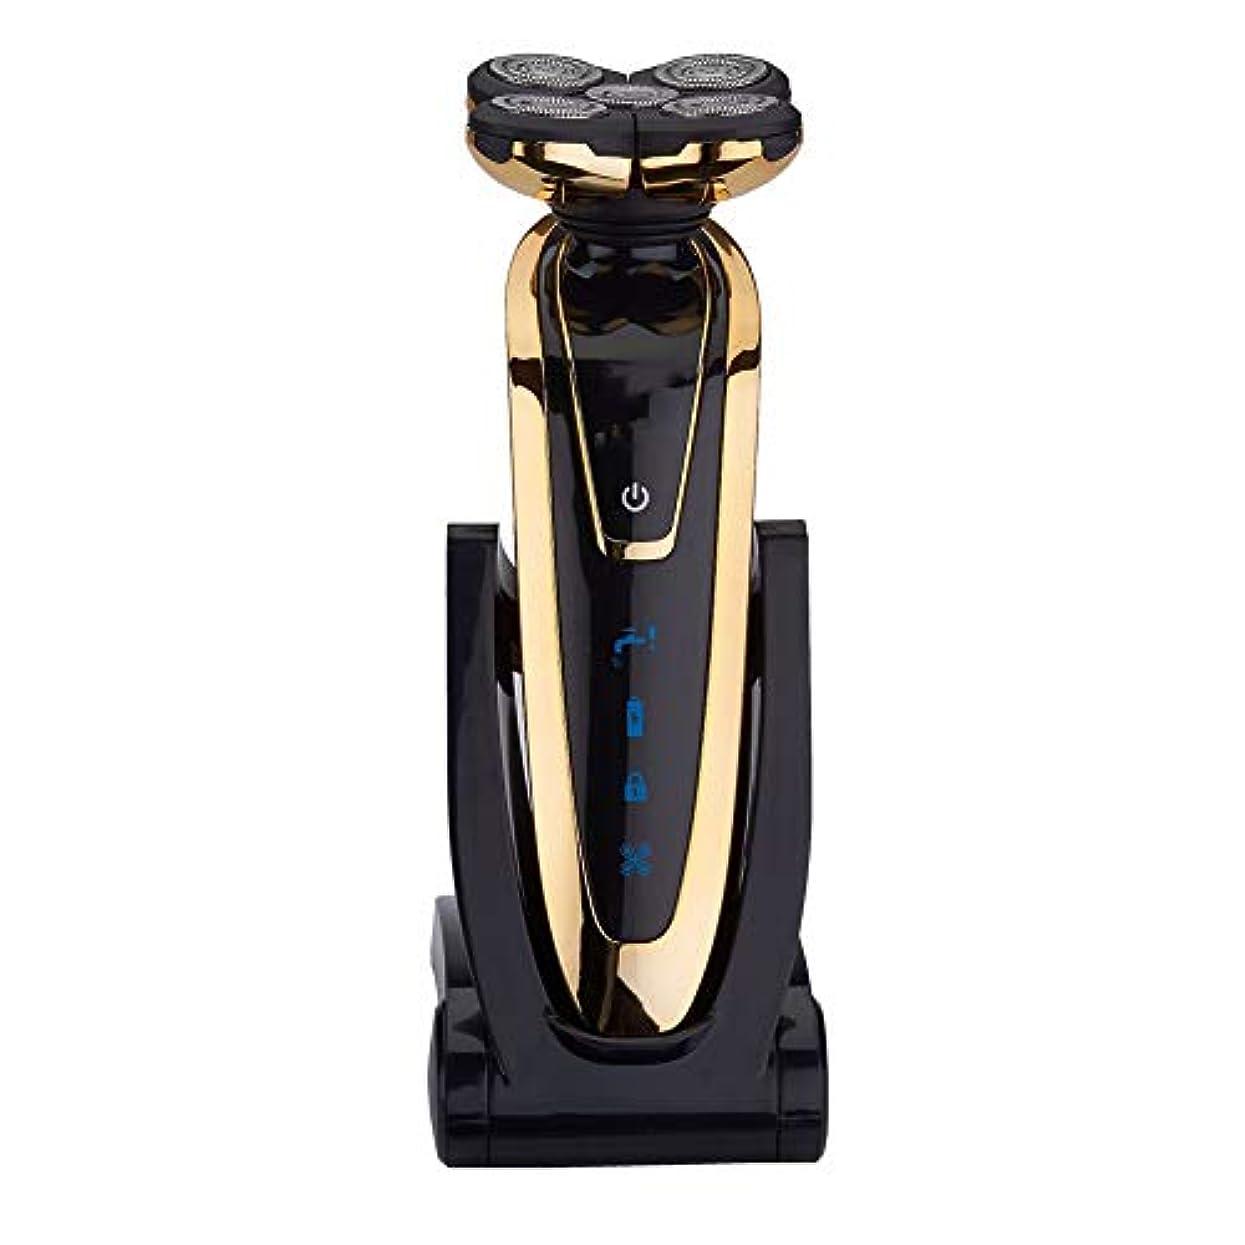 供給腐食するスロット回転式カミソリ男性用電気シェーバー充電式コードレスカミソリウェット&ドライボディ防水